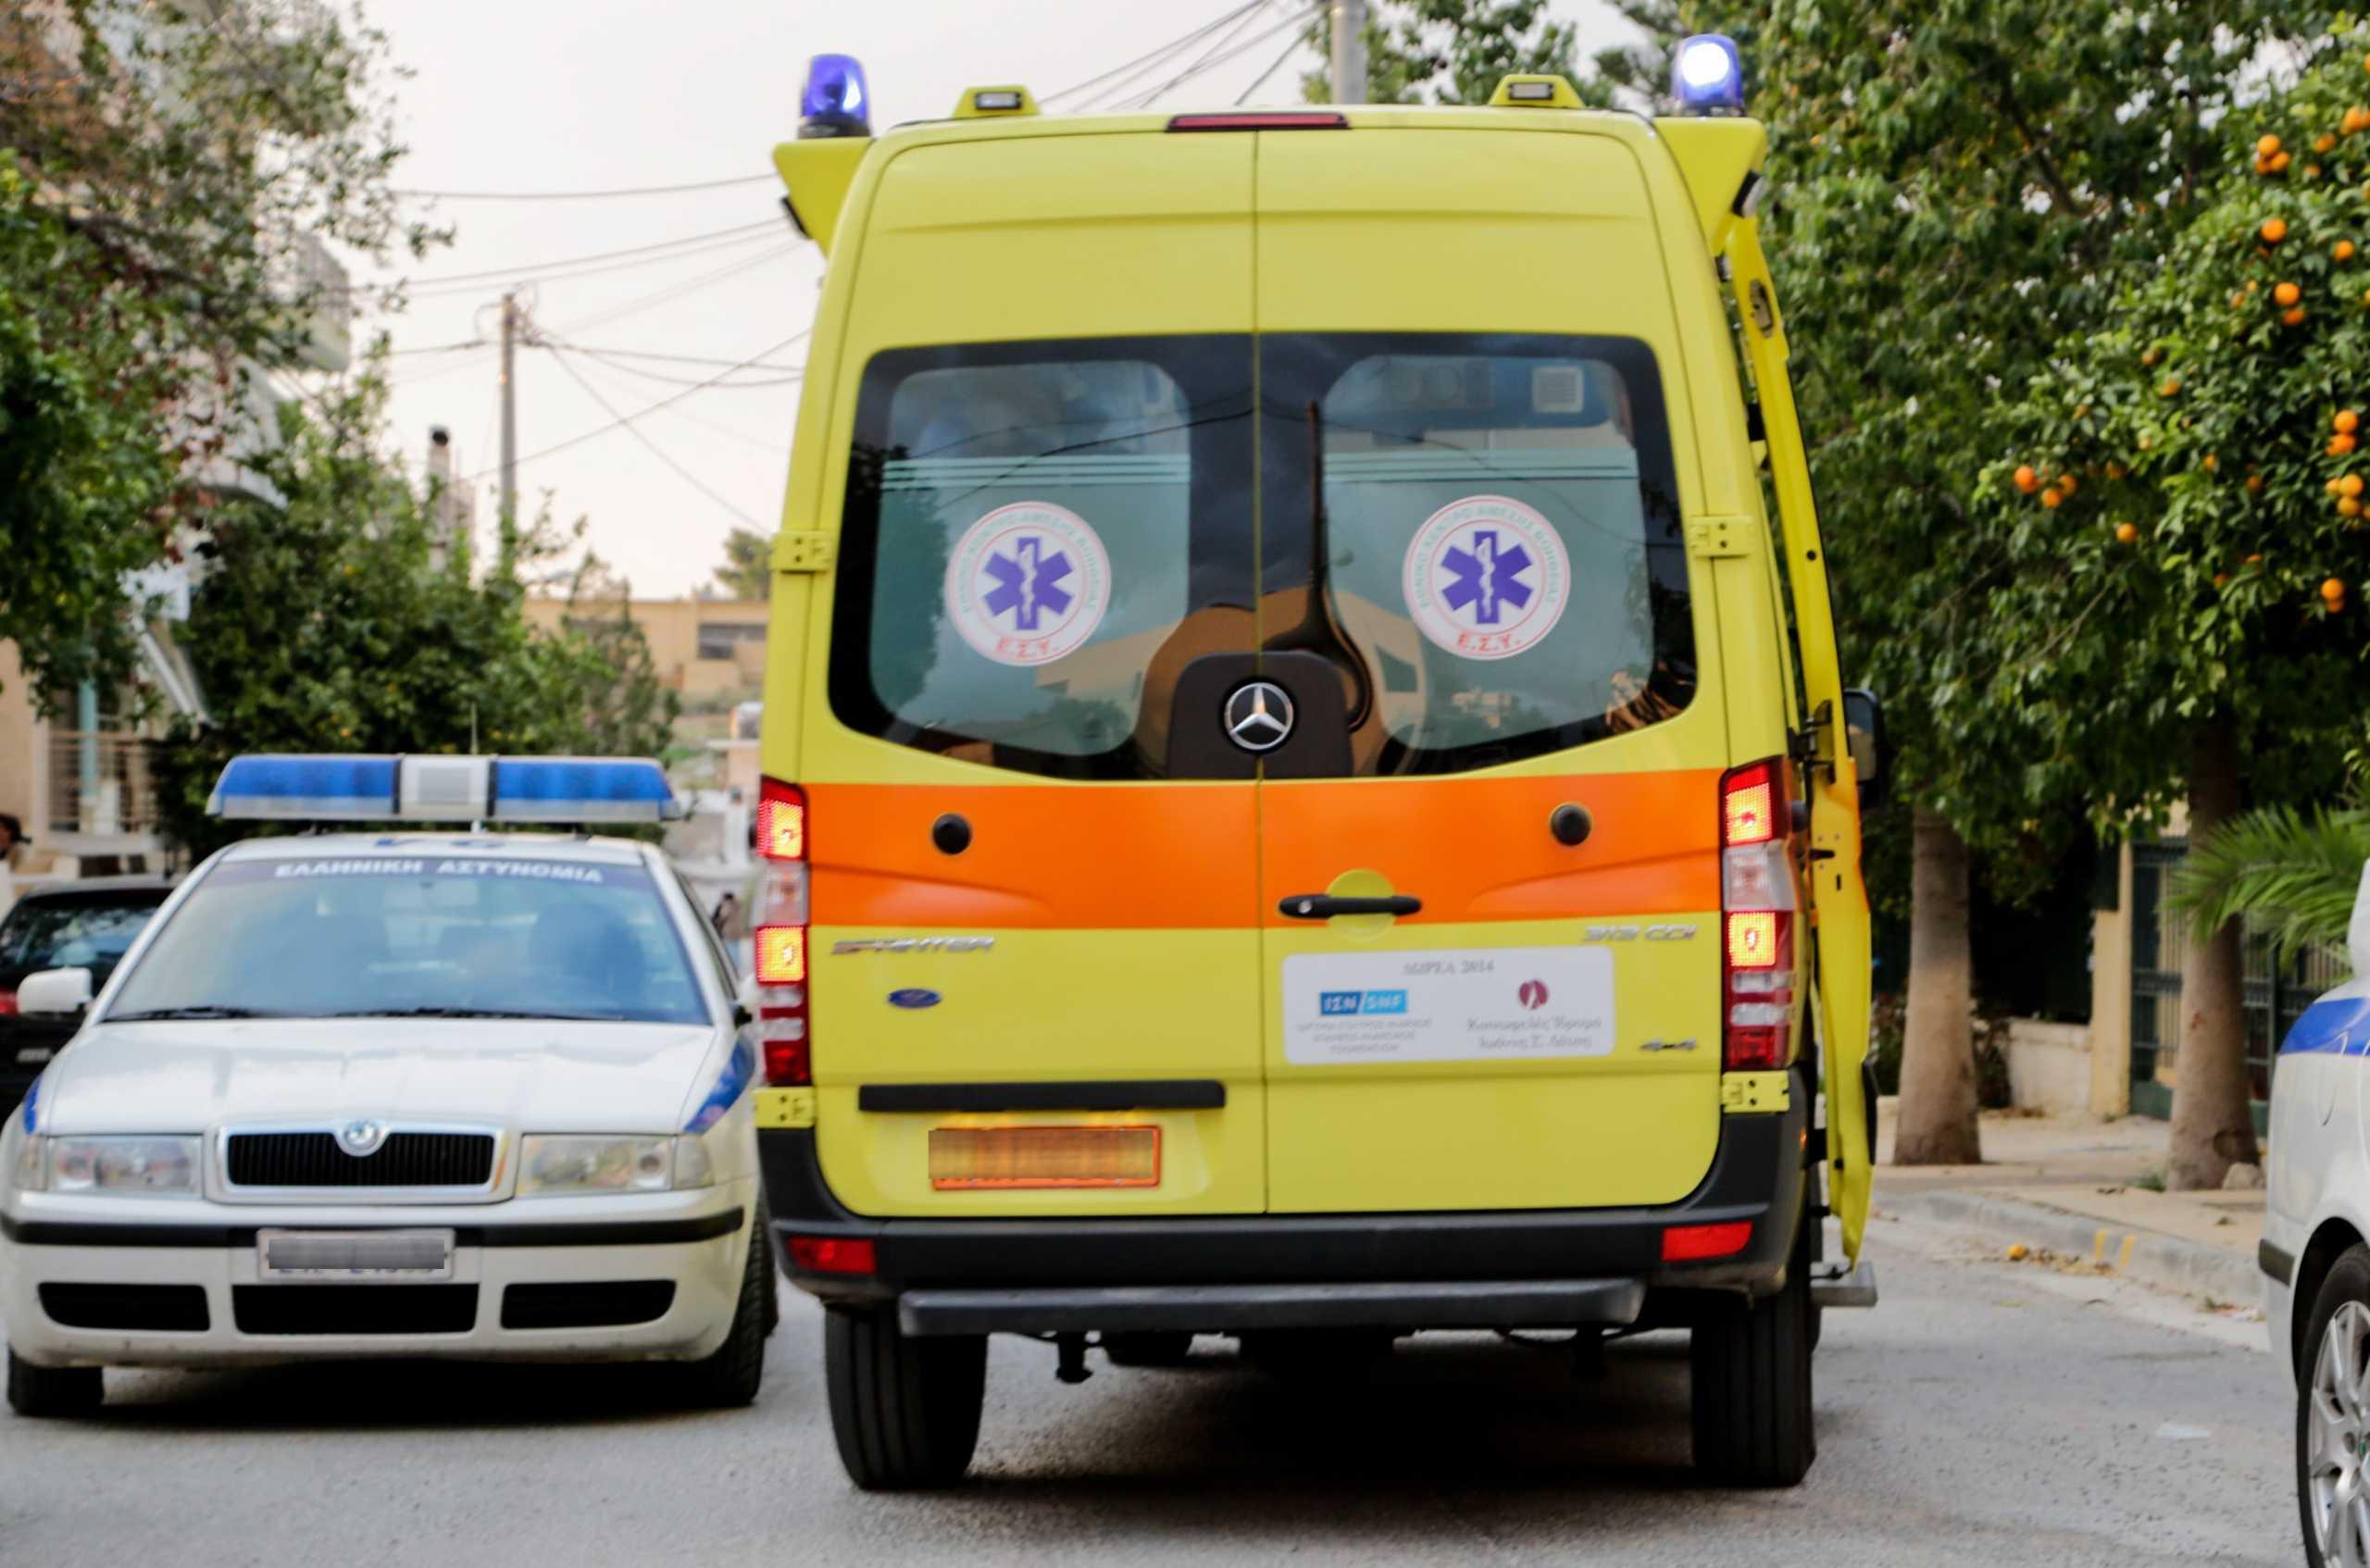 Συναγερμός στην Κρήτη! Άνδρας με μαχαίρι μπήκε σε εταιρεία